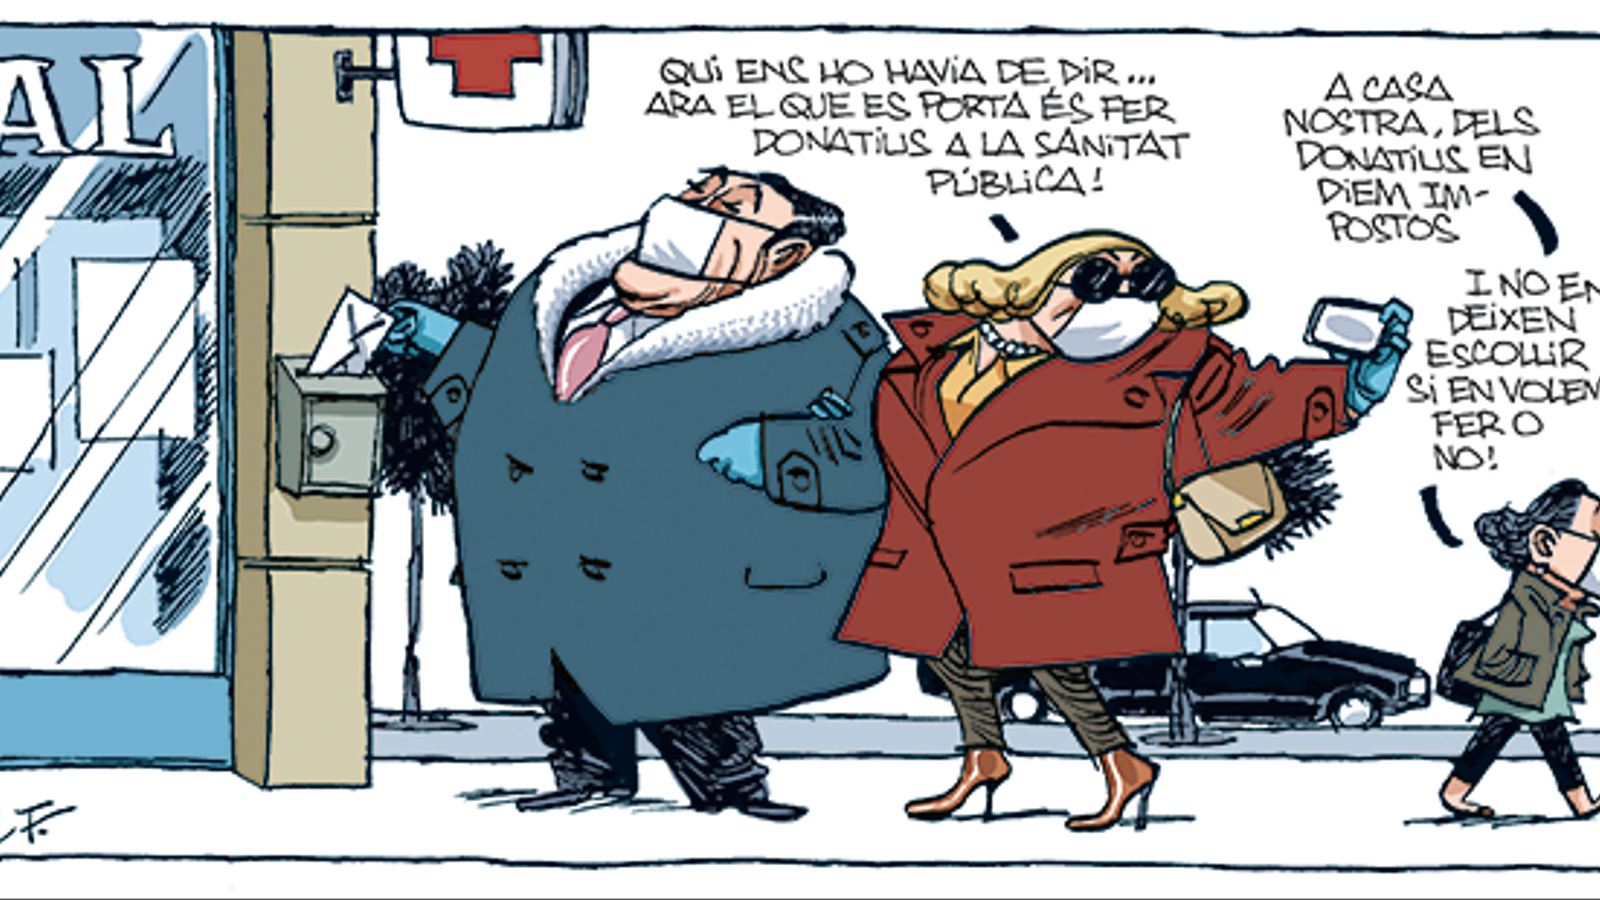 'A la contra', per Manel Fontdevila 31/03/2020